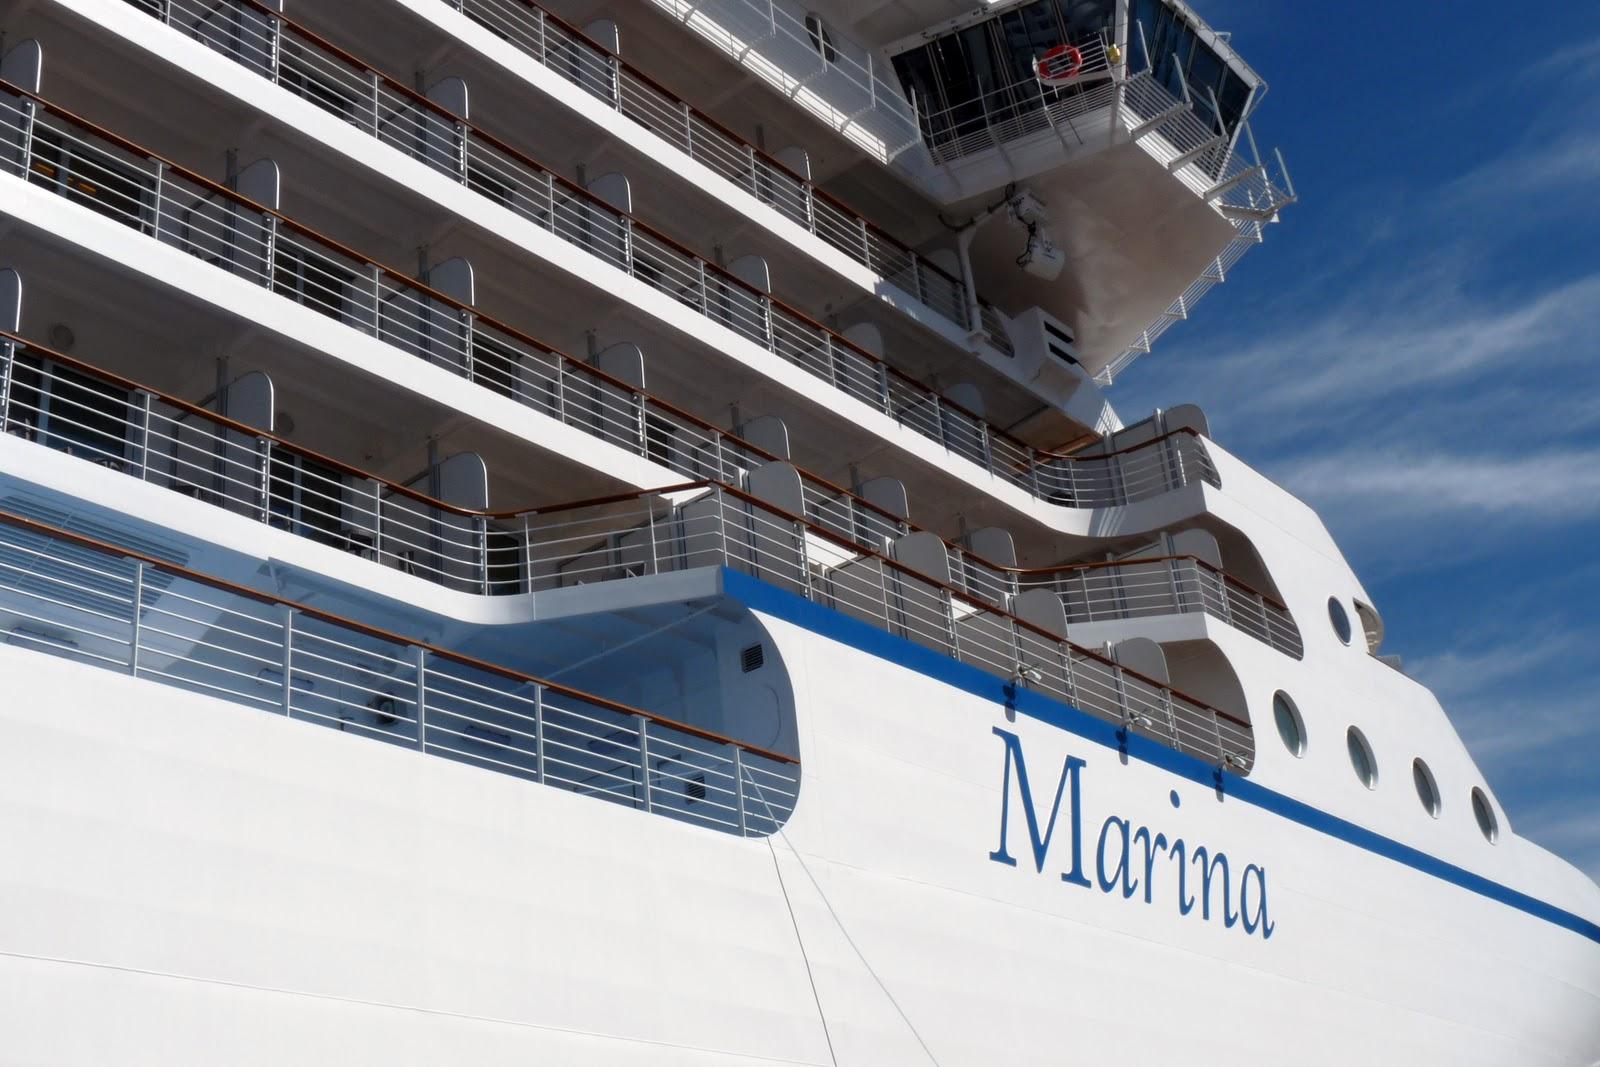 ScheckTrek: Exclusive Tour of Oceania's Brand-New Ship, Marina